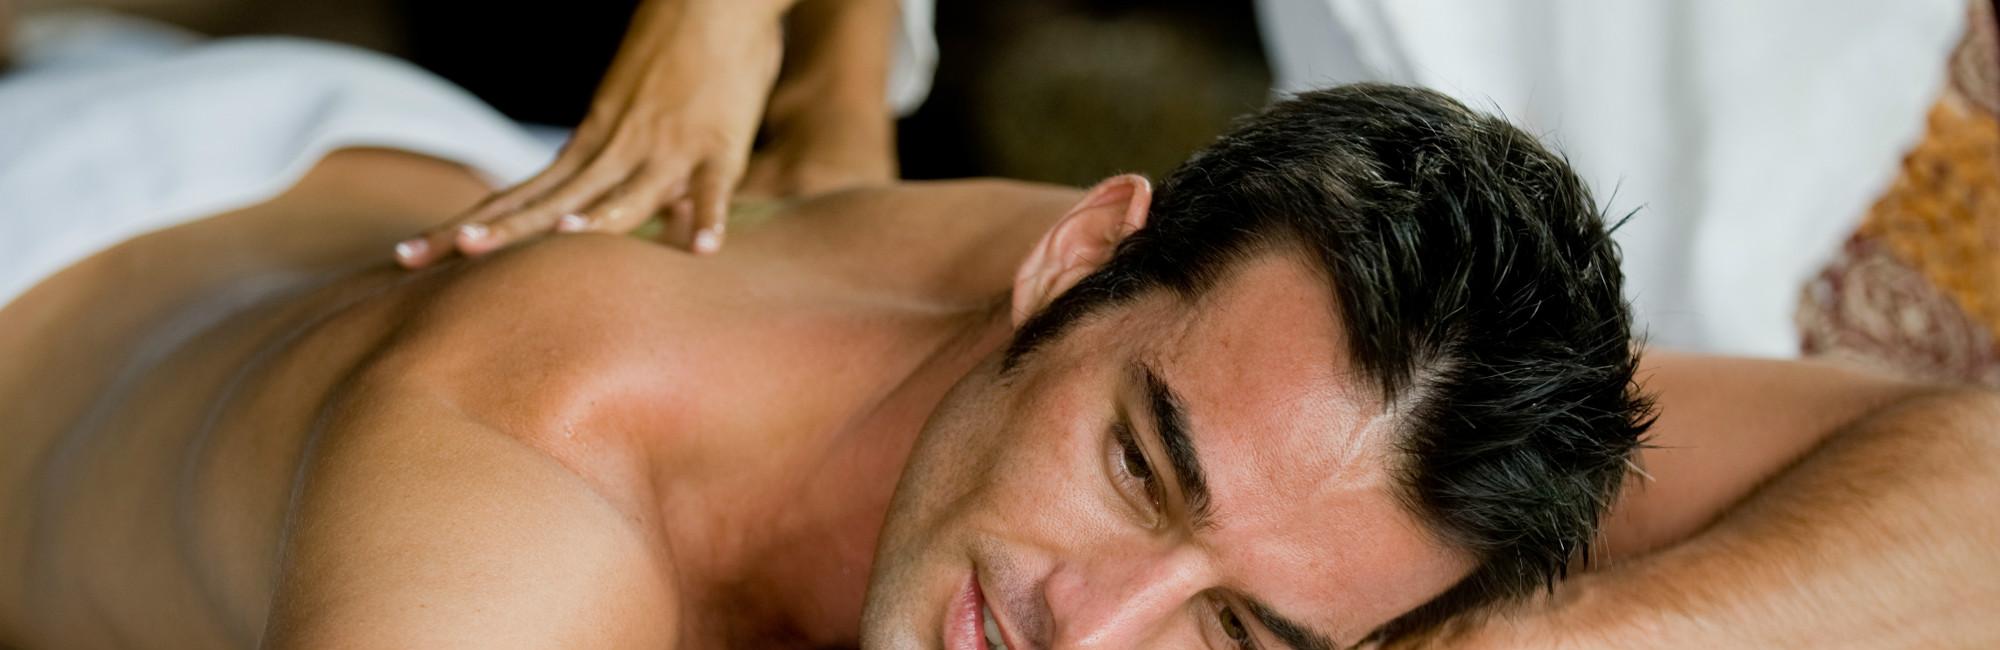 Crantock Bay Spa Mens Massage - Spa Treatments